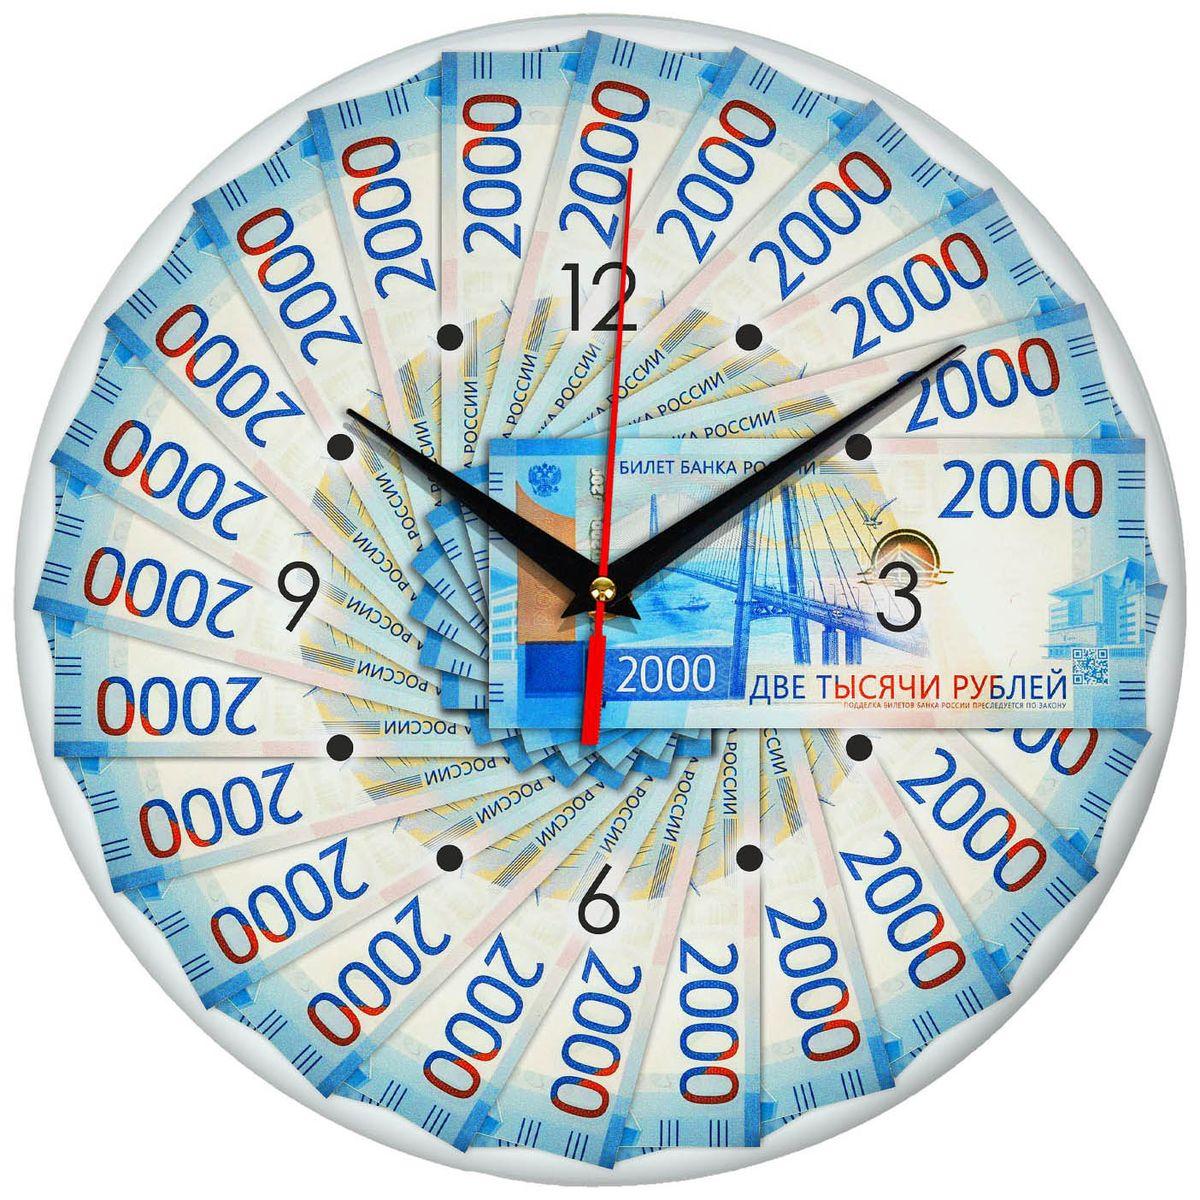 Часы настенные Эврика 2000 рублей, стеклянные, цвет: синий98410Механизм хода плавный бесшумный (не тикают, стрелка движется беспрерывно).